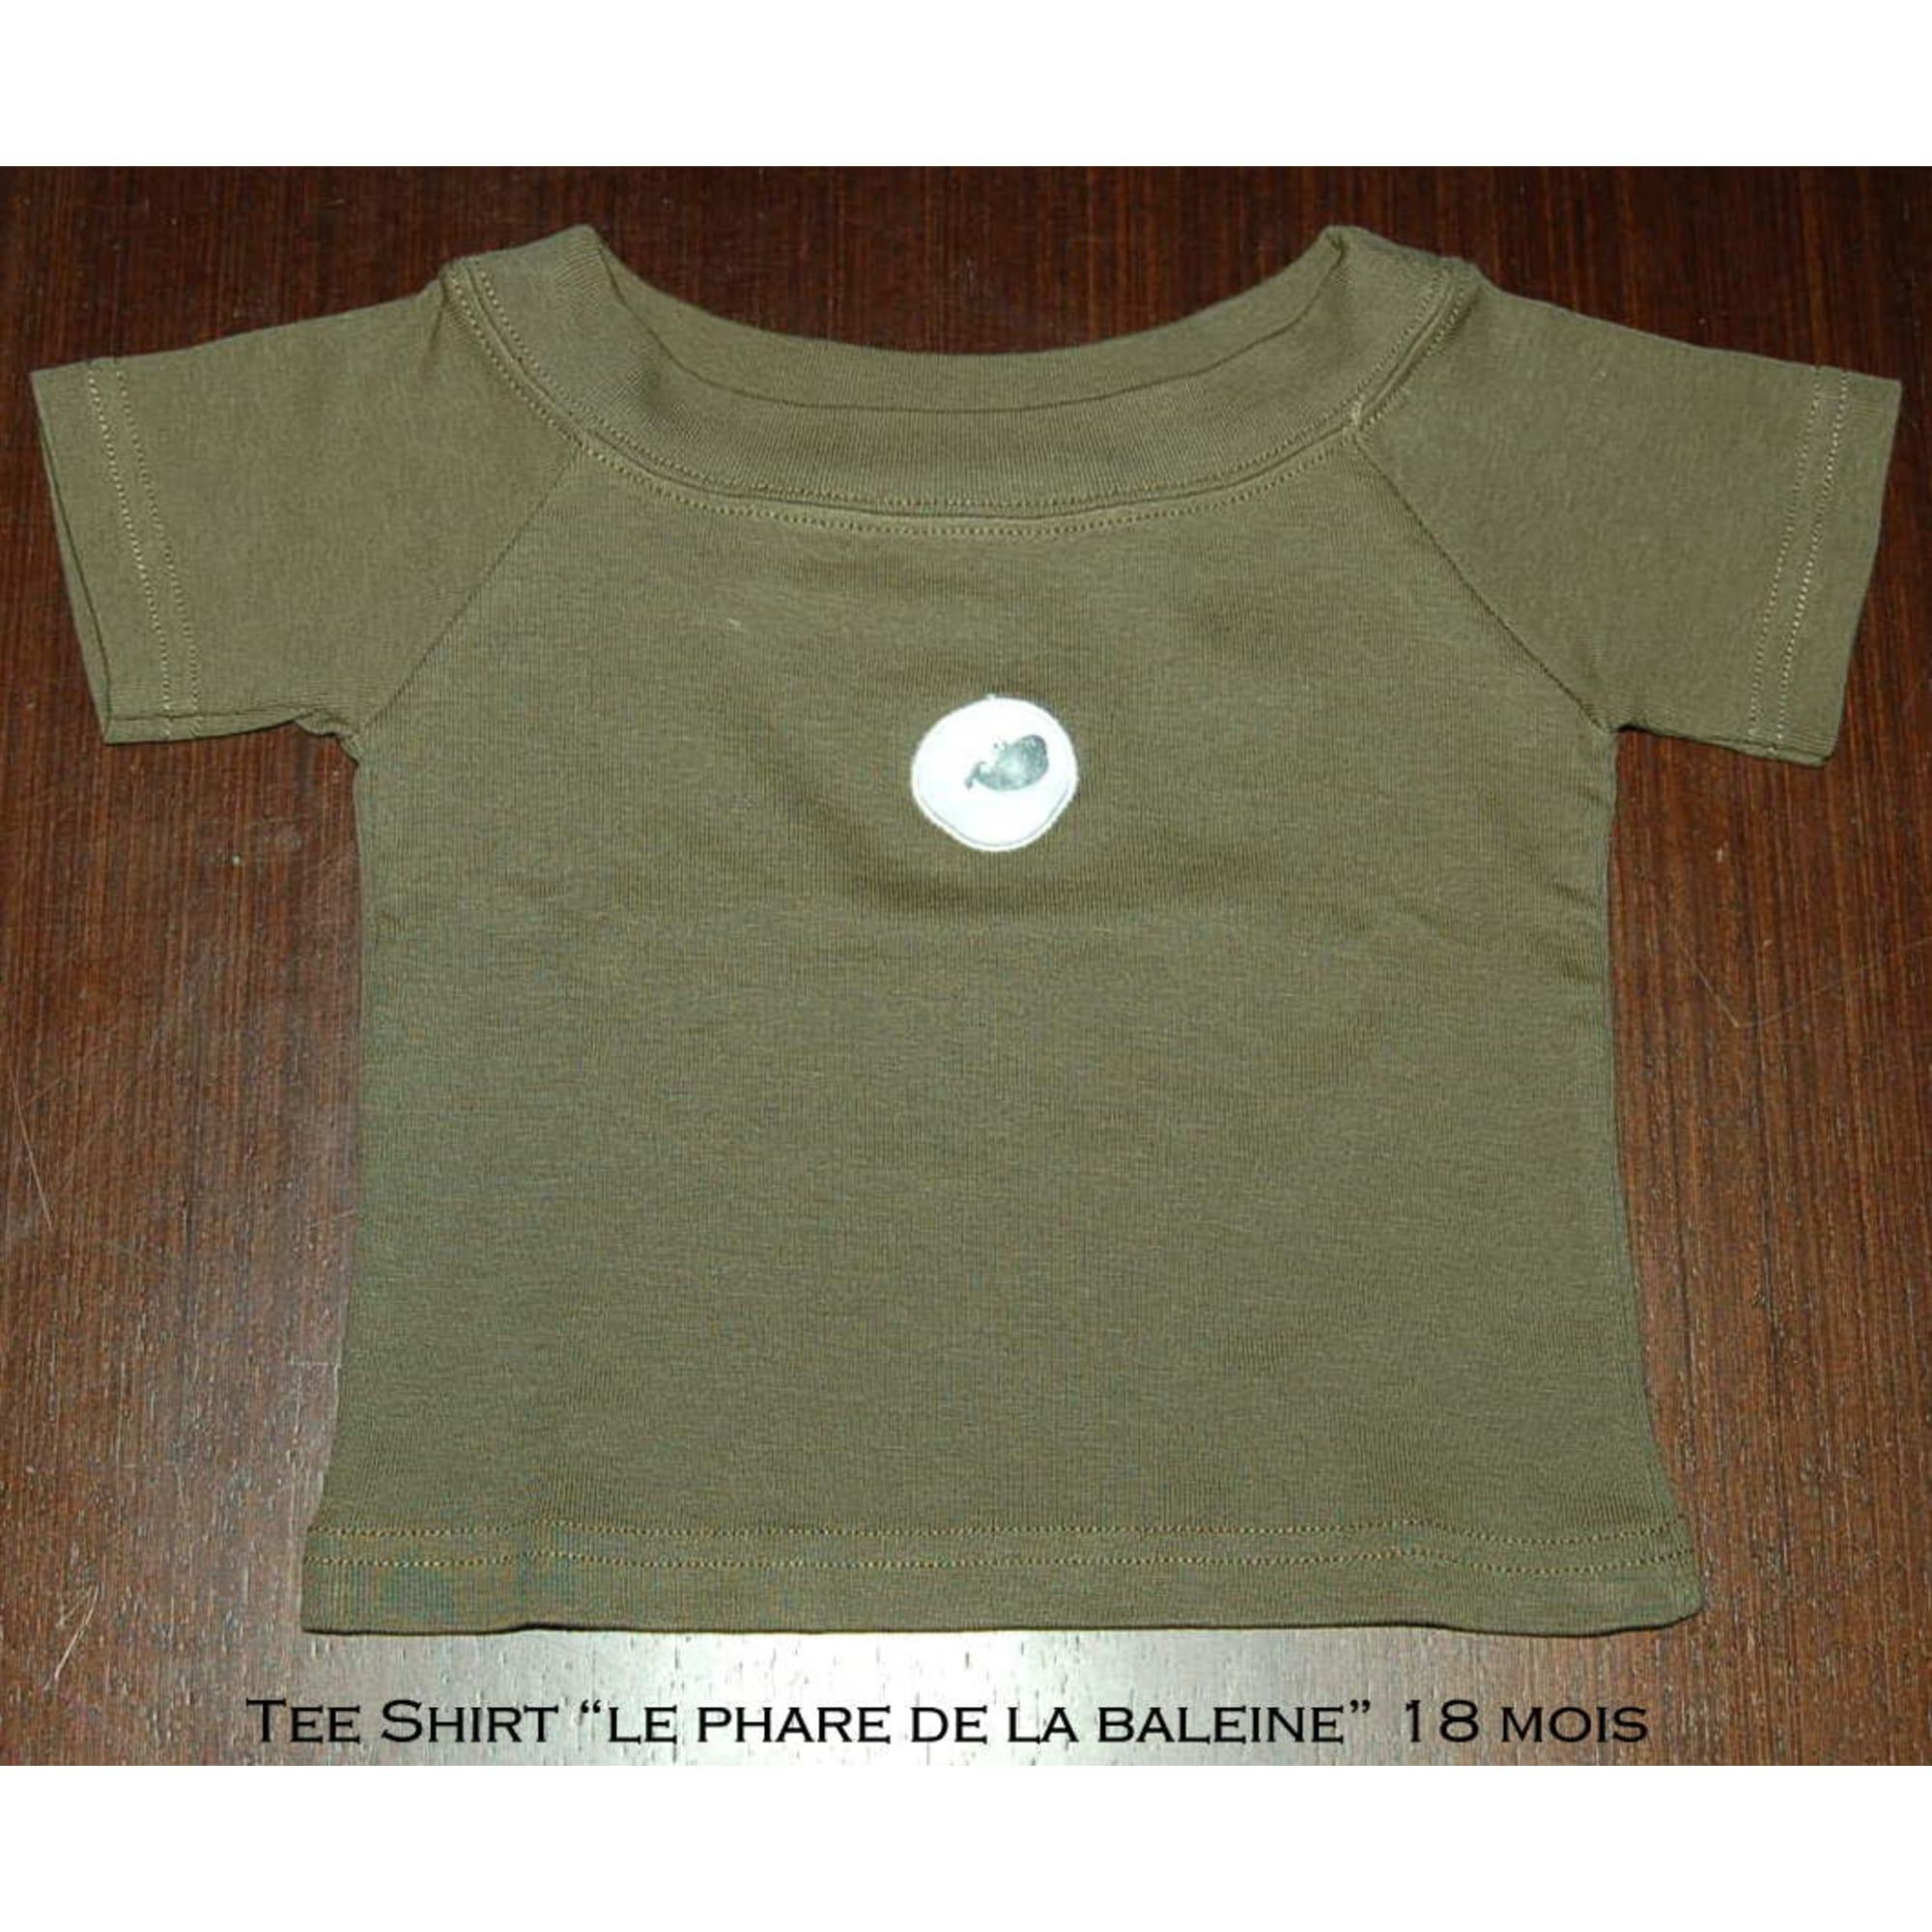 Top, tee shirt LE PHARE DE LA BALEINE Kaki